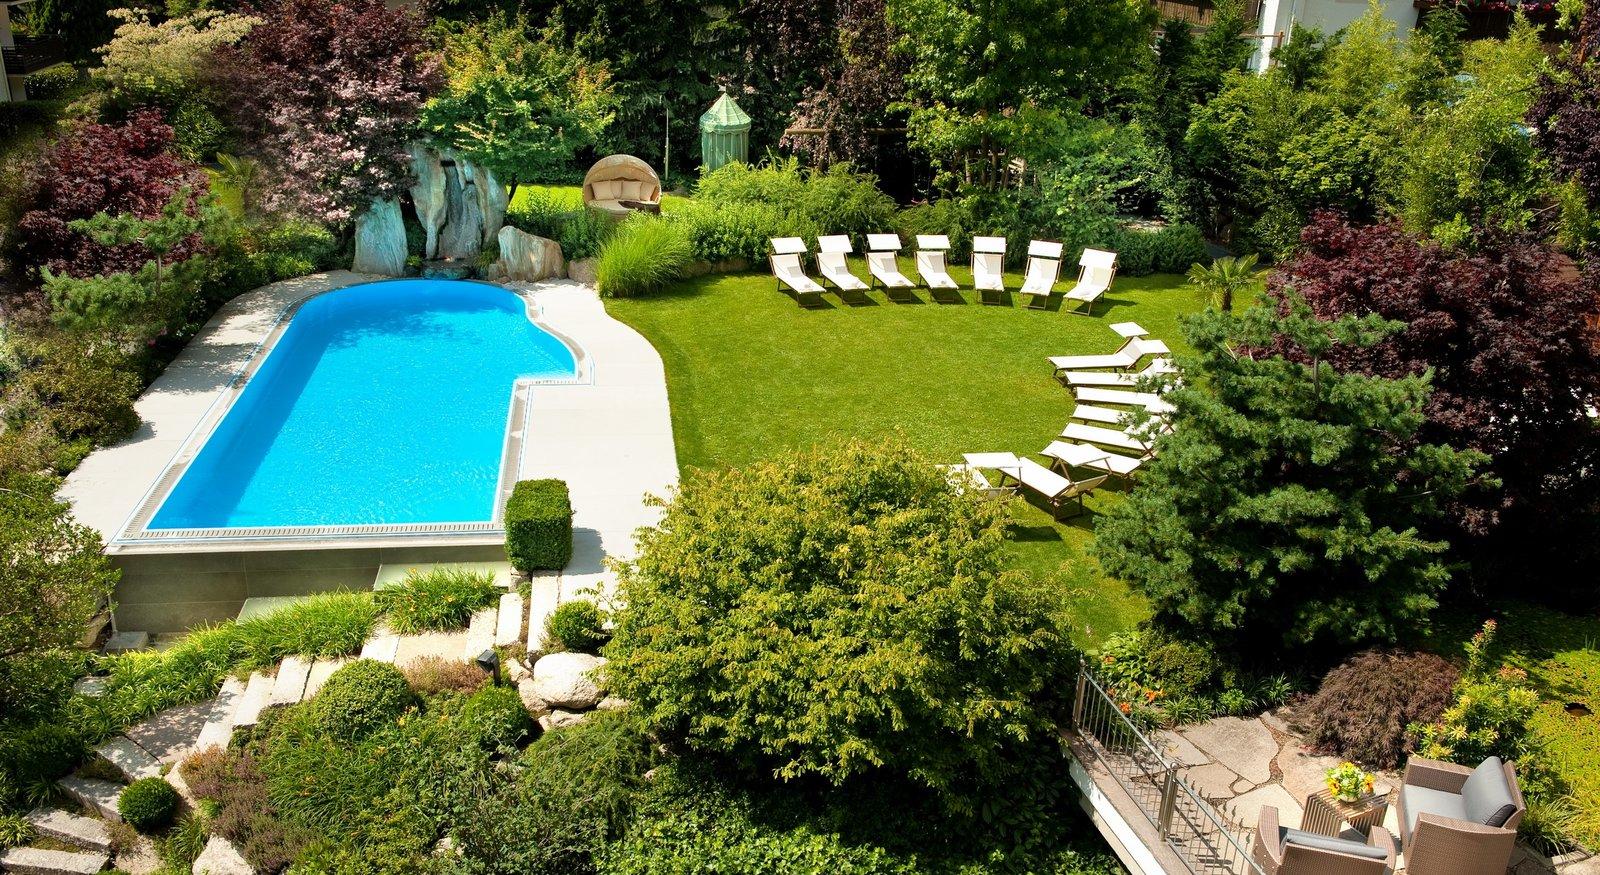 Hotel con piscina in val venosta hotel anderlahn parcines - Hotel merano 4 stelle con piscina ...